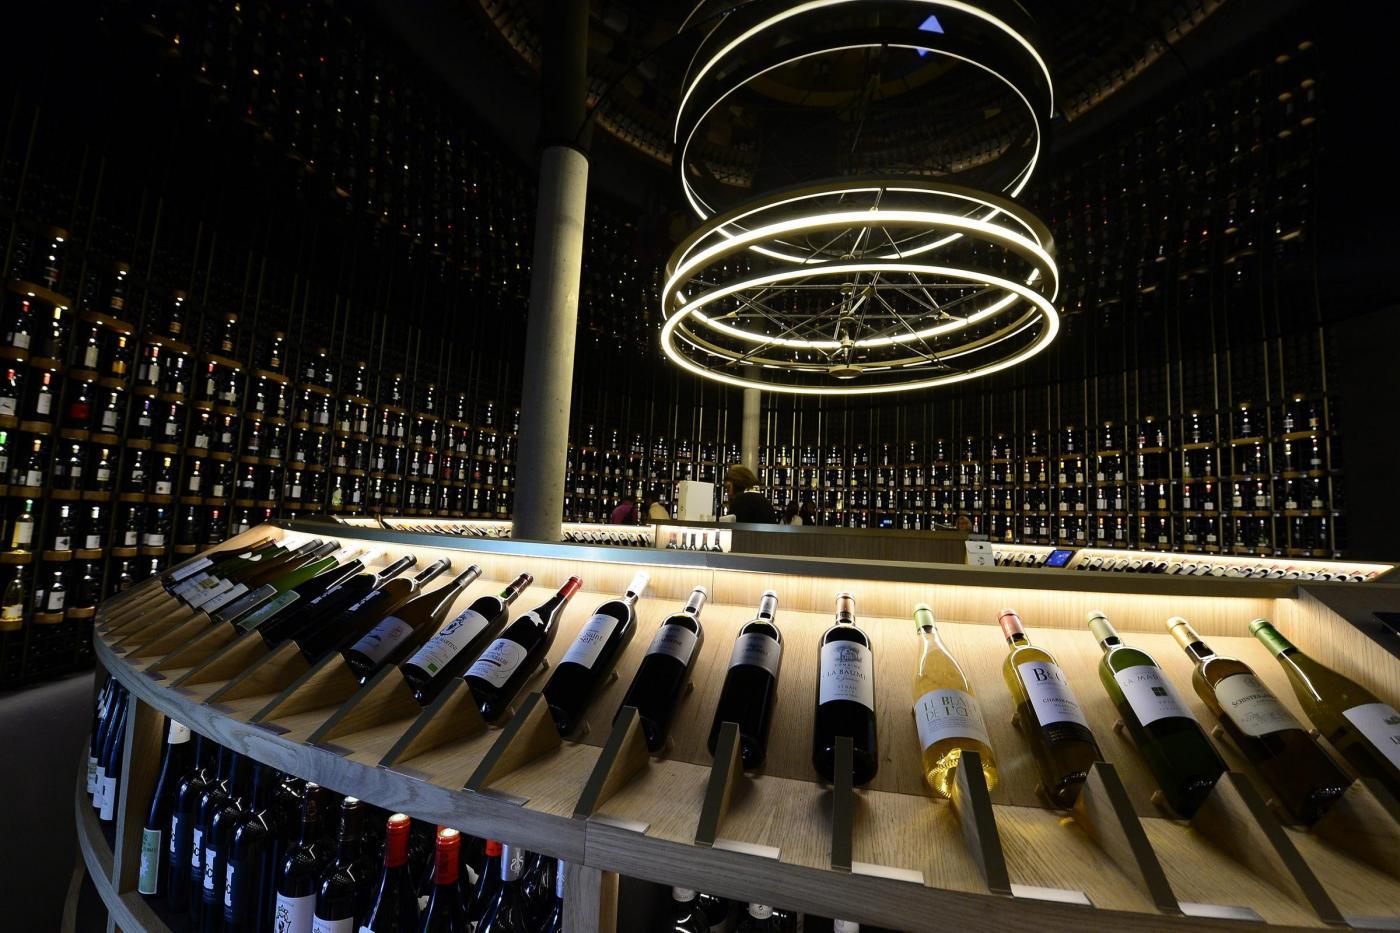 Divani in pelle naturale ricavata dal vino: l'invenzione di due architetti milanesi